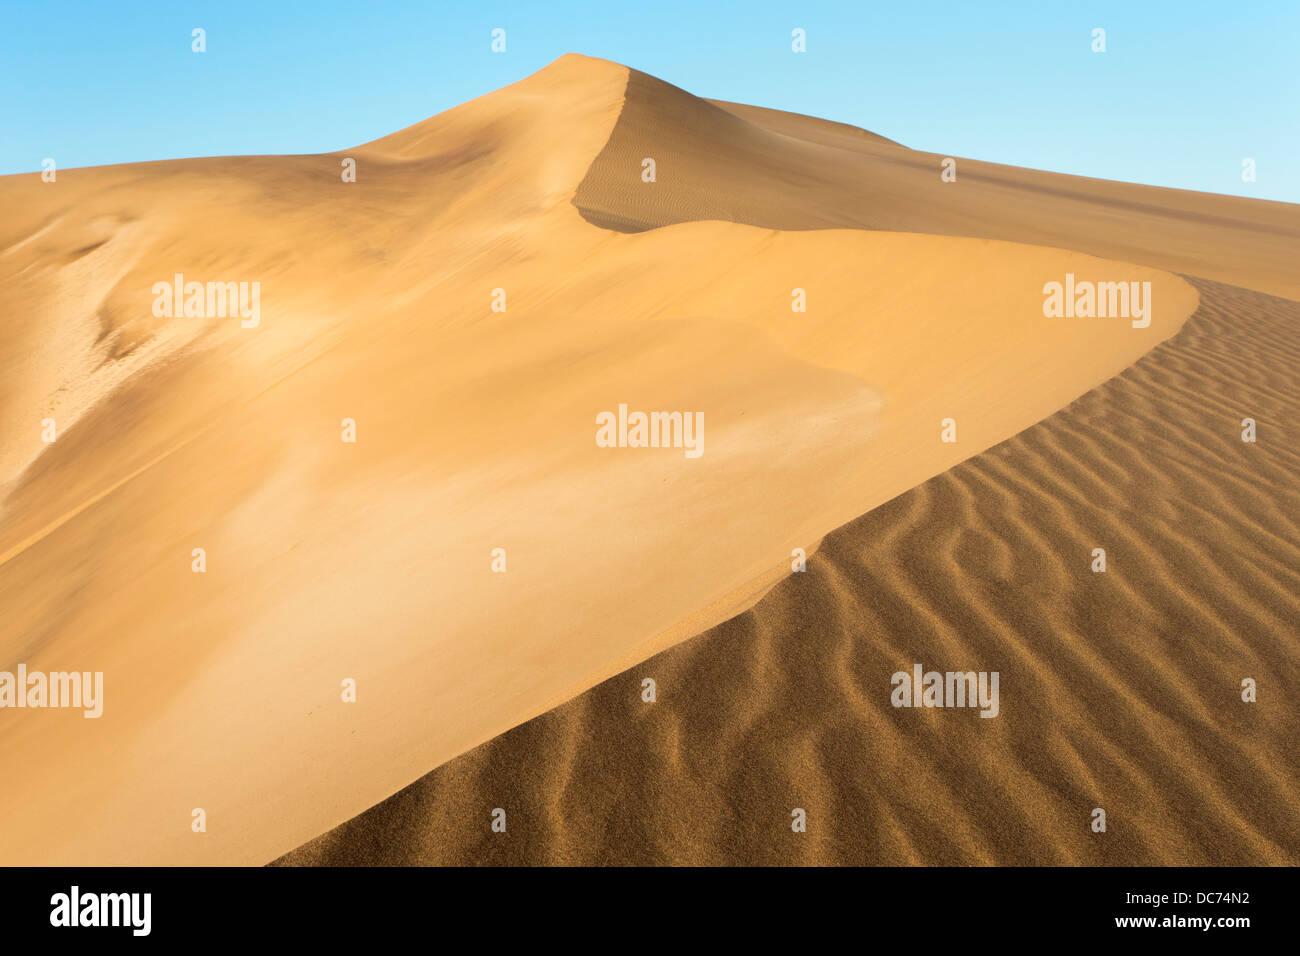 Sanddünen in der Nähe von Swakopmund, Dorob Nationalpark, Namibia, April 2013 Stockbild